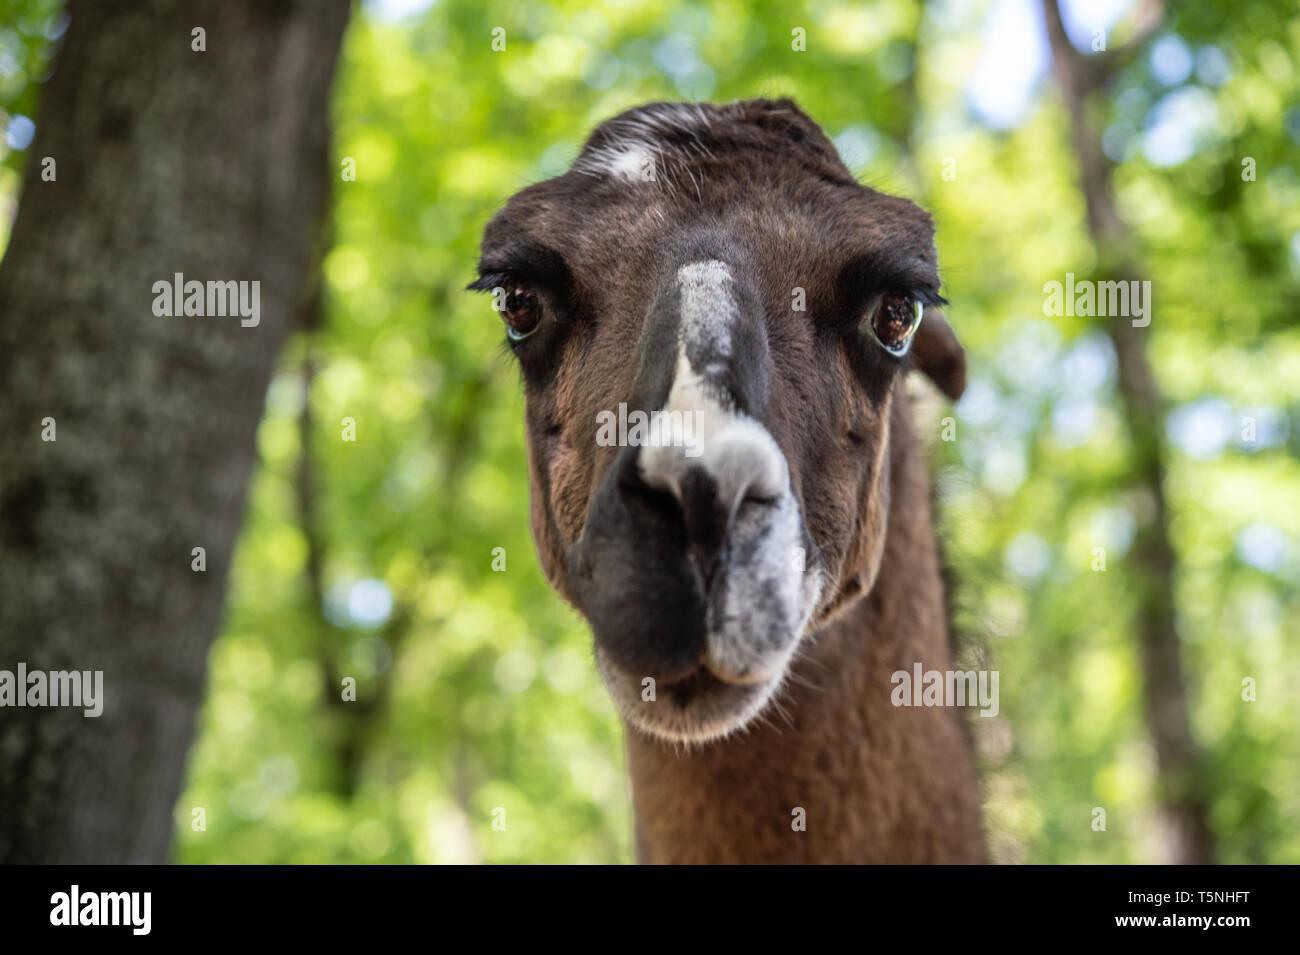 Portrait of LLama, Lama glama, Camelidae - Stock Image